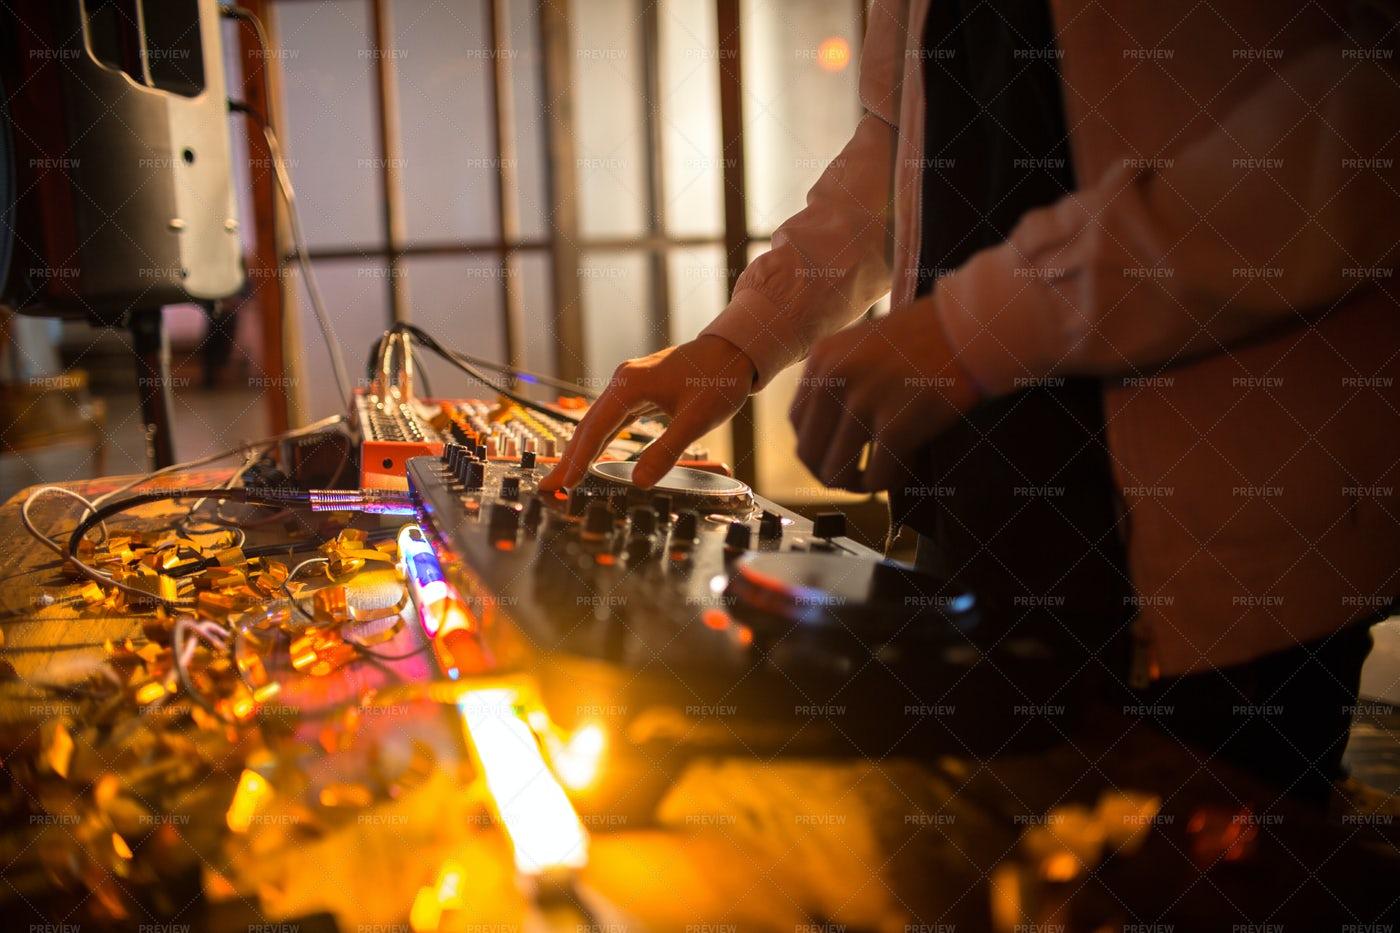 DJ At Club Party: Stock Photos